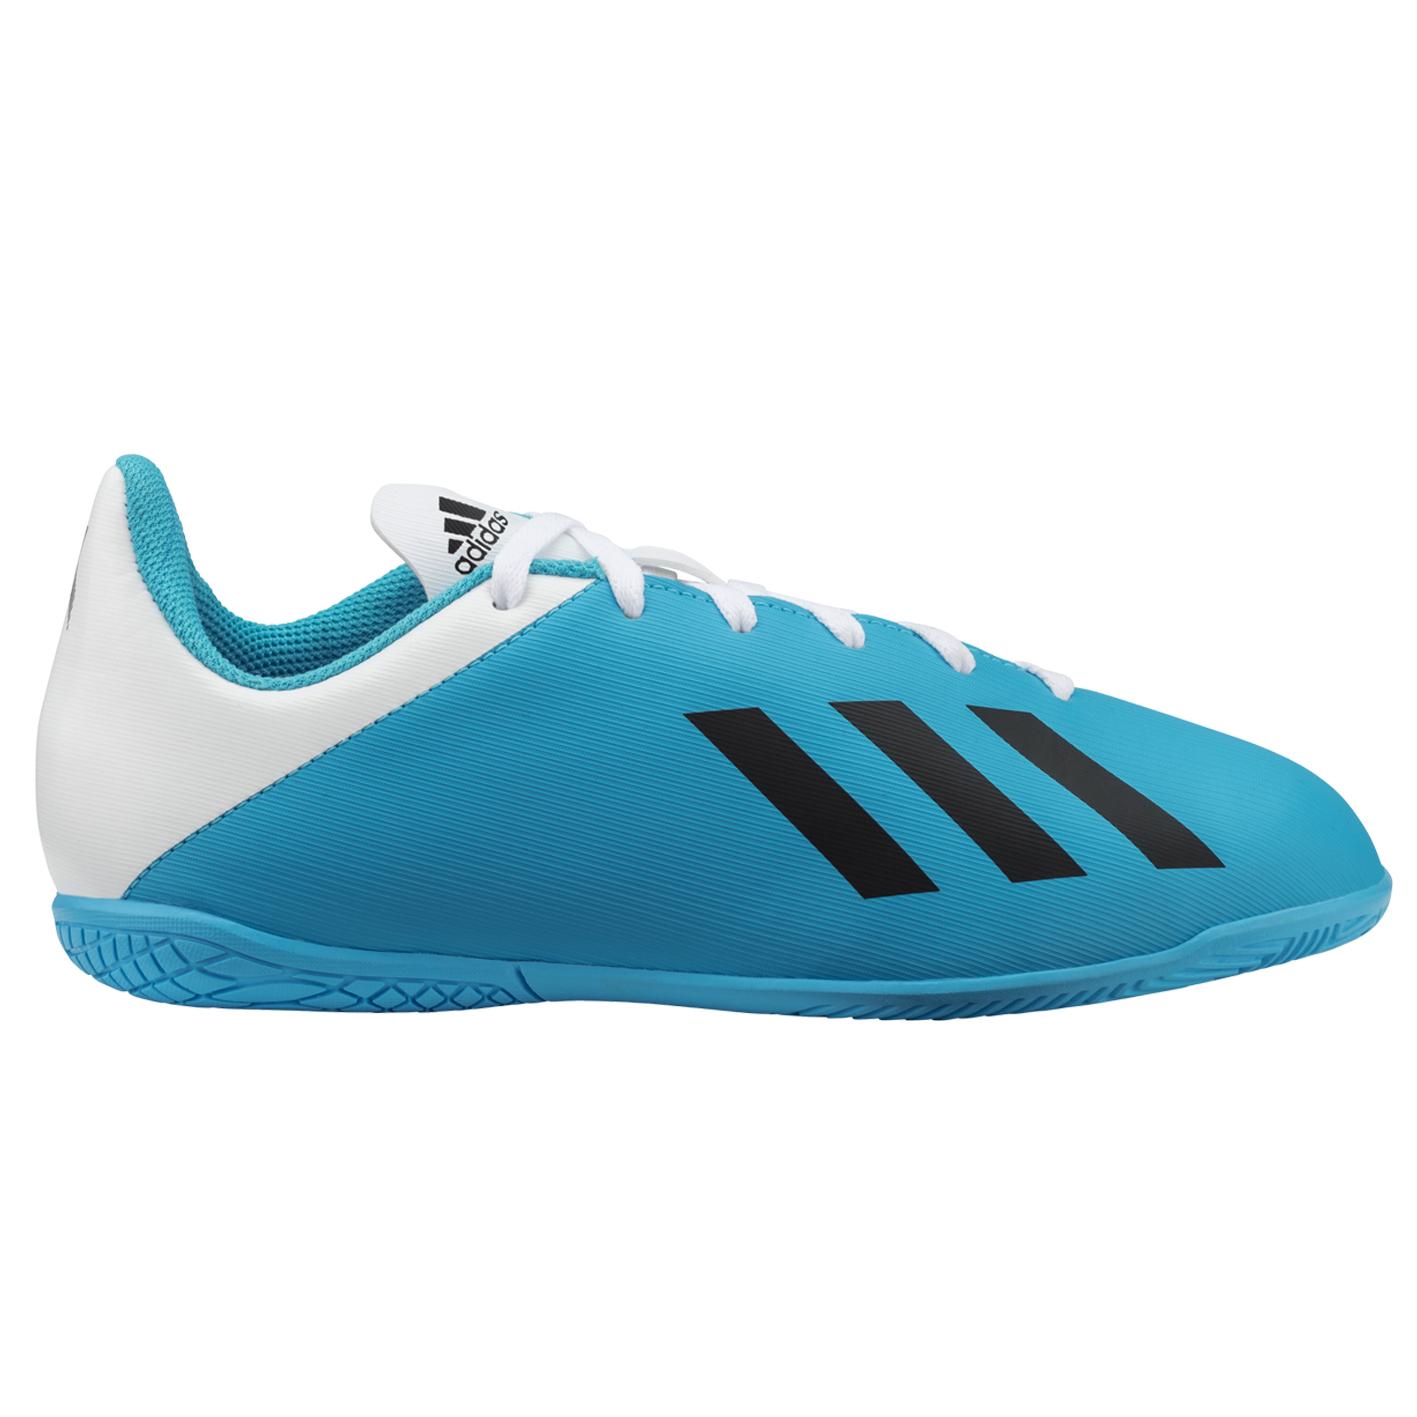 adidas performance X19.4 IN J Fußballschuhe Halle IN Kinder Kids Schuhe Fußballschuhe